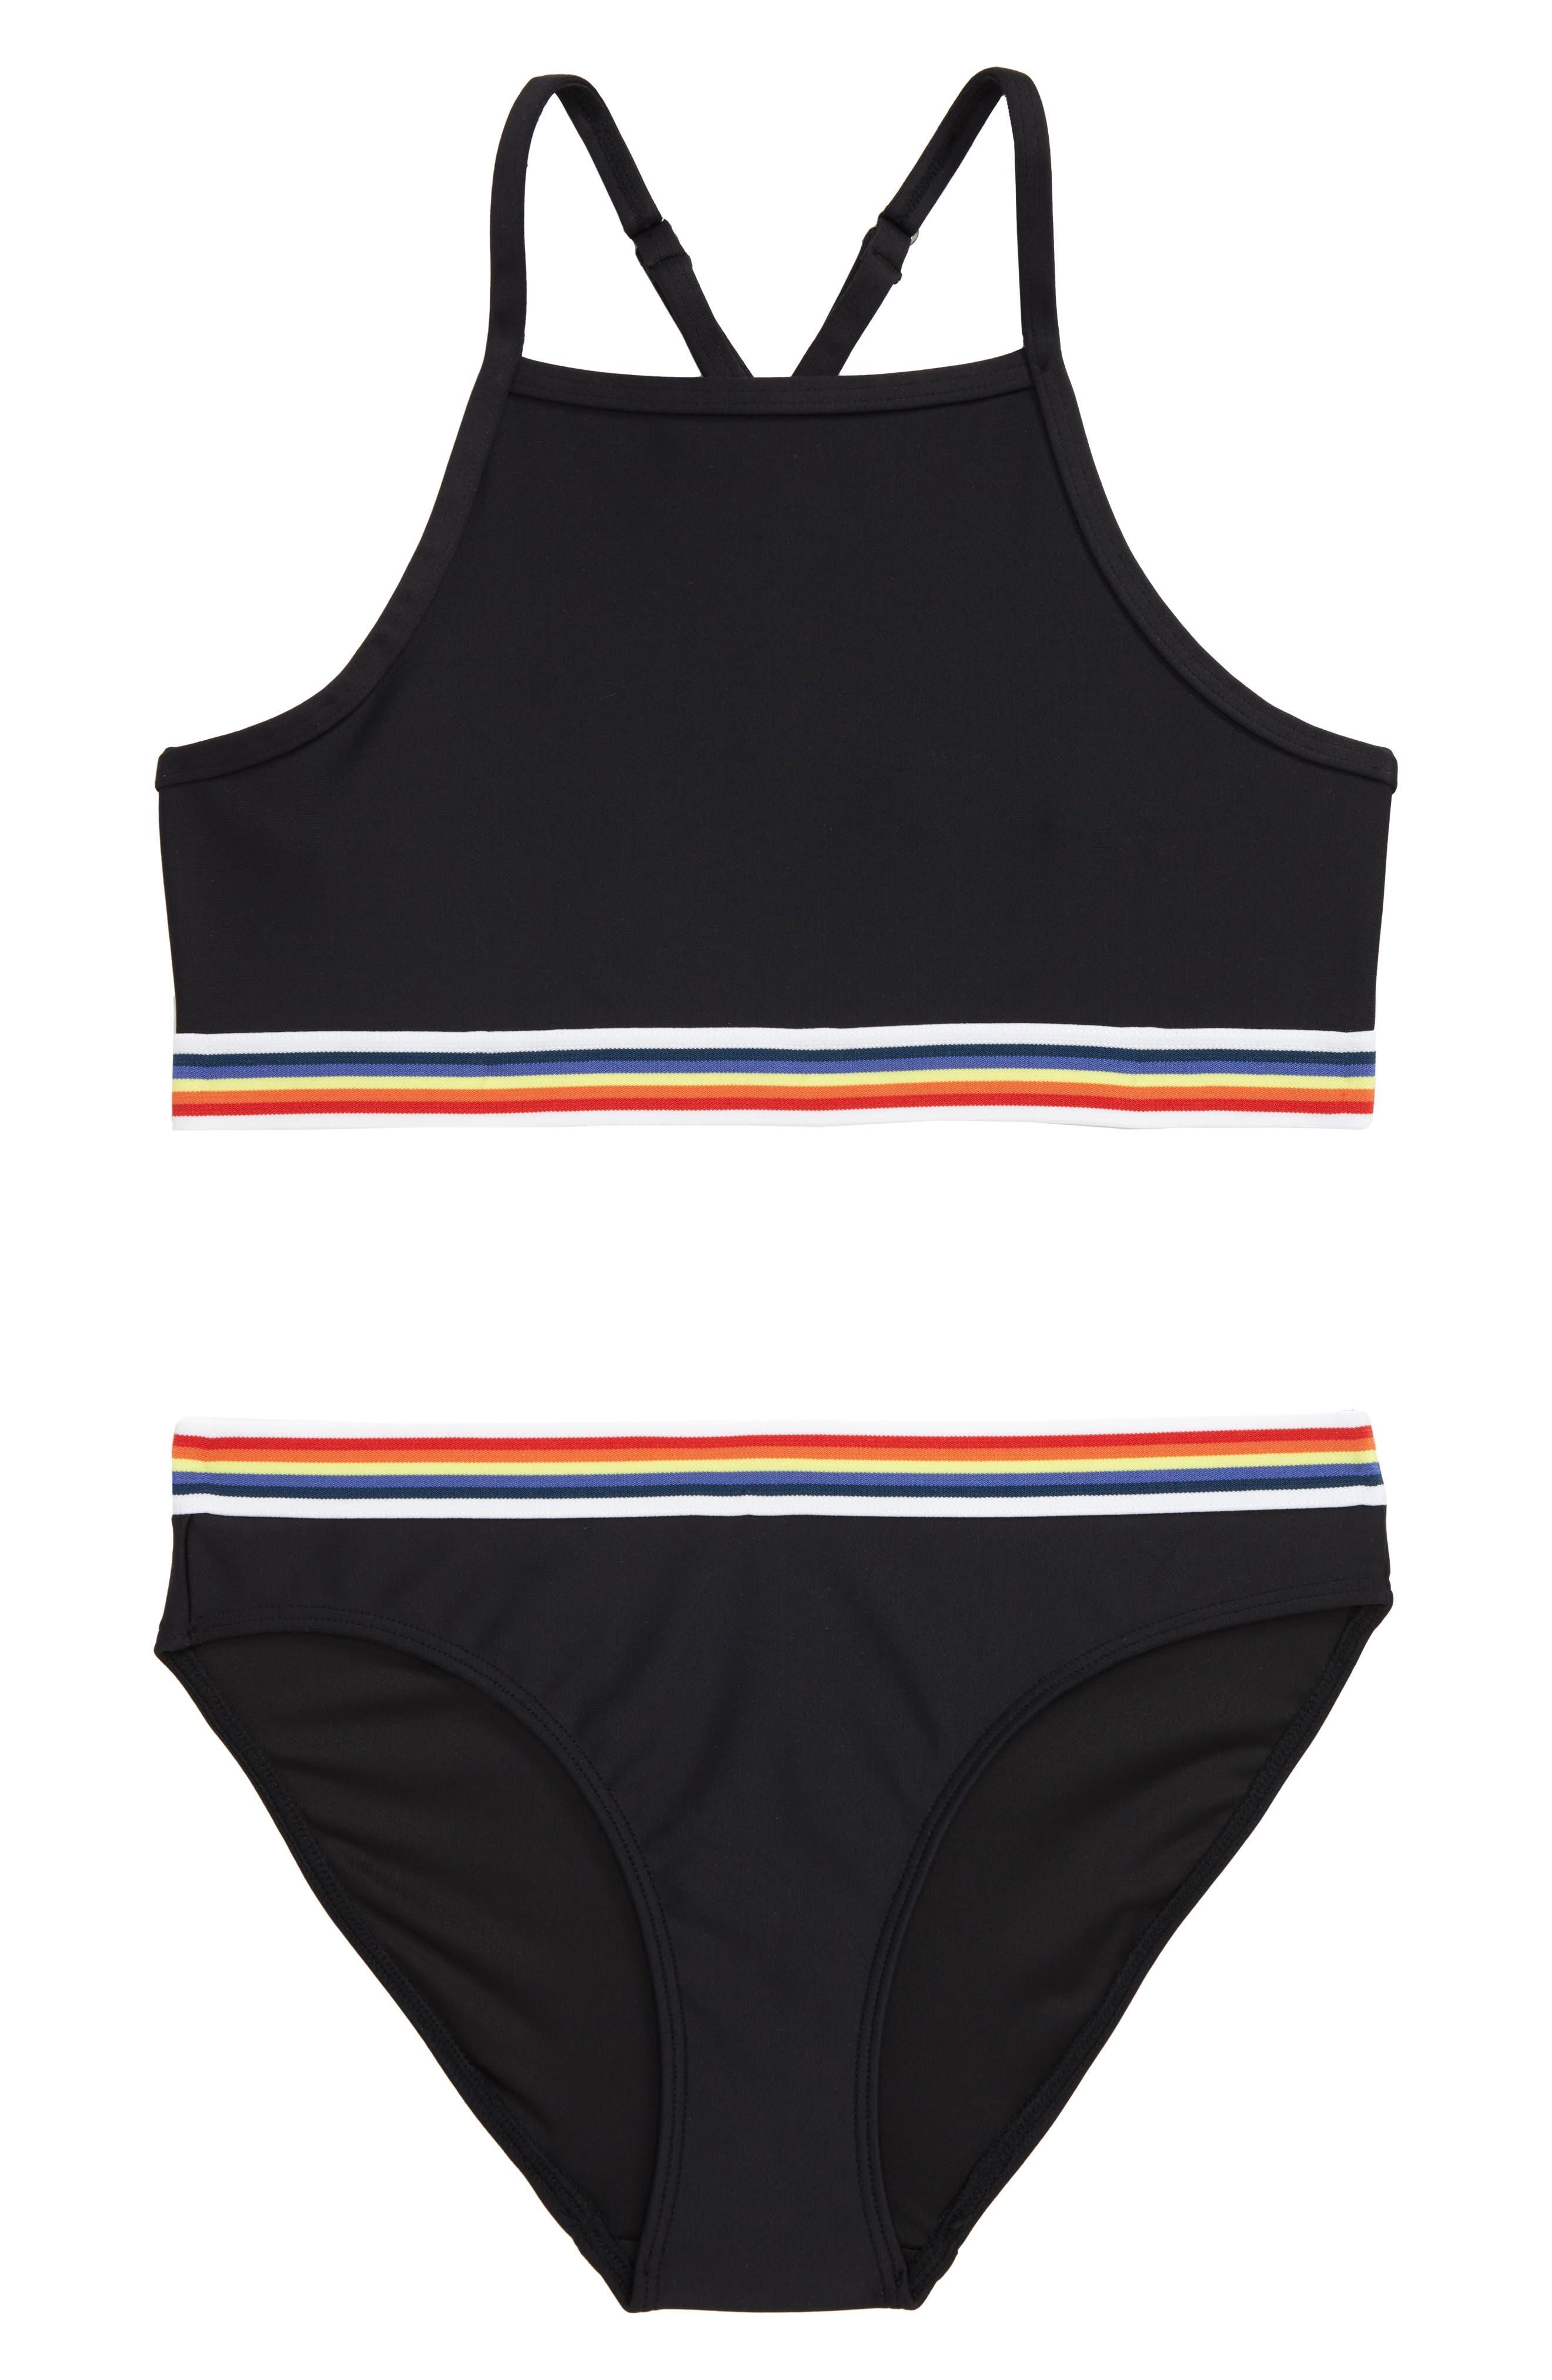 Girls Swimming Costume Bikini Swimwear Swimsuit Age 9 10 12 13 14 15 16 18 Years